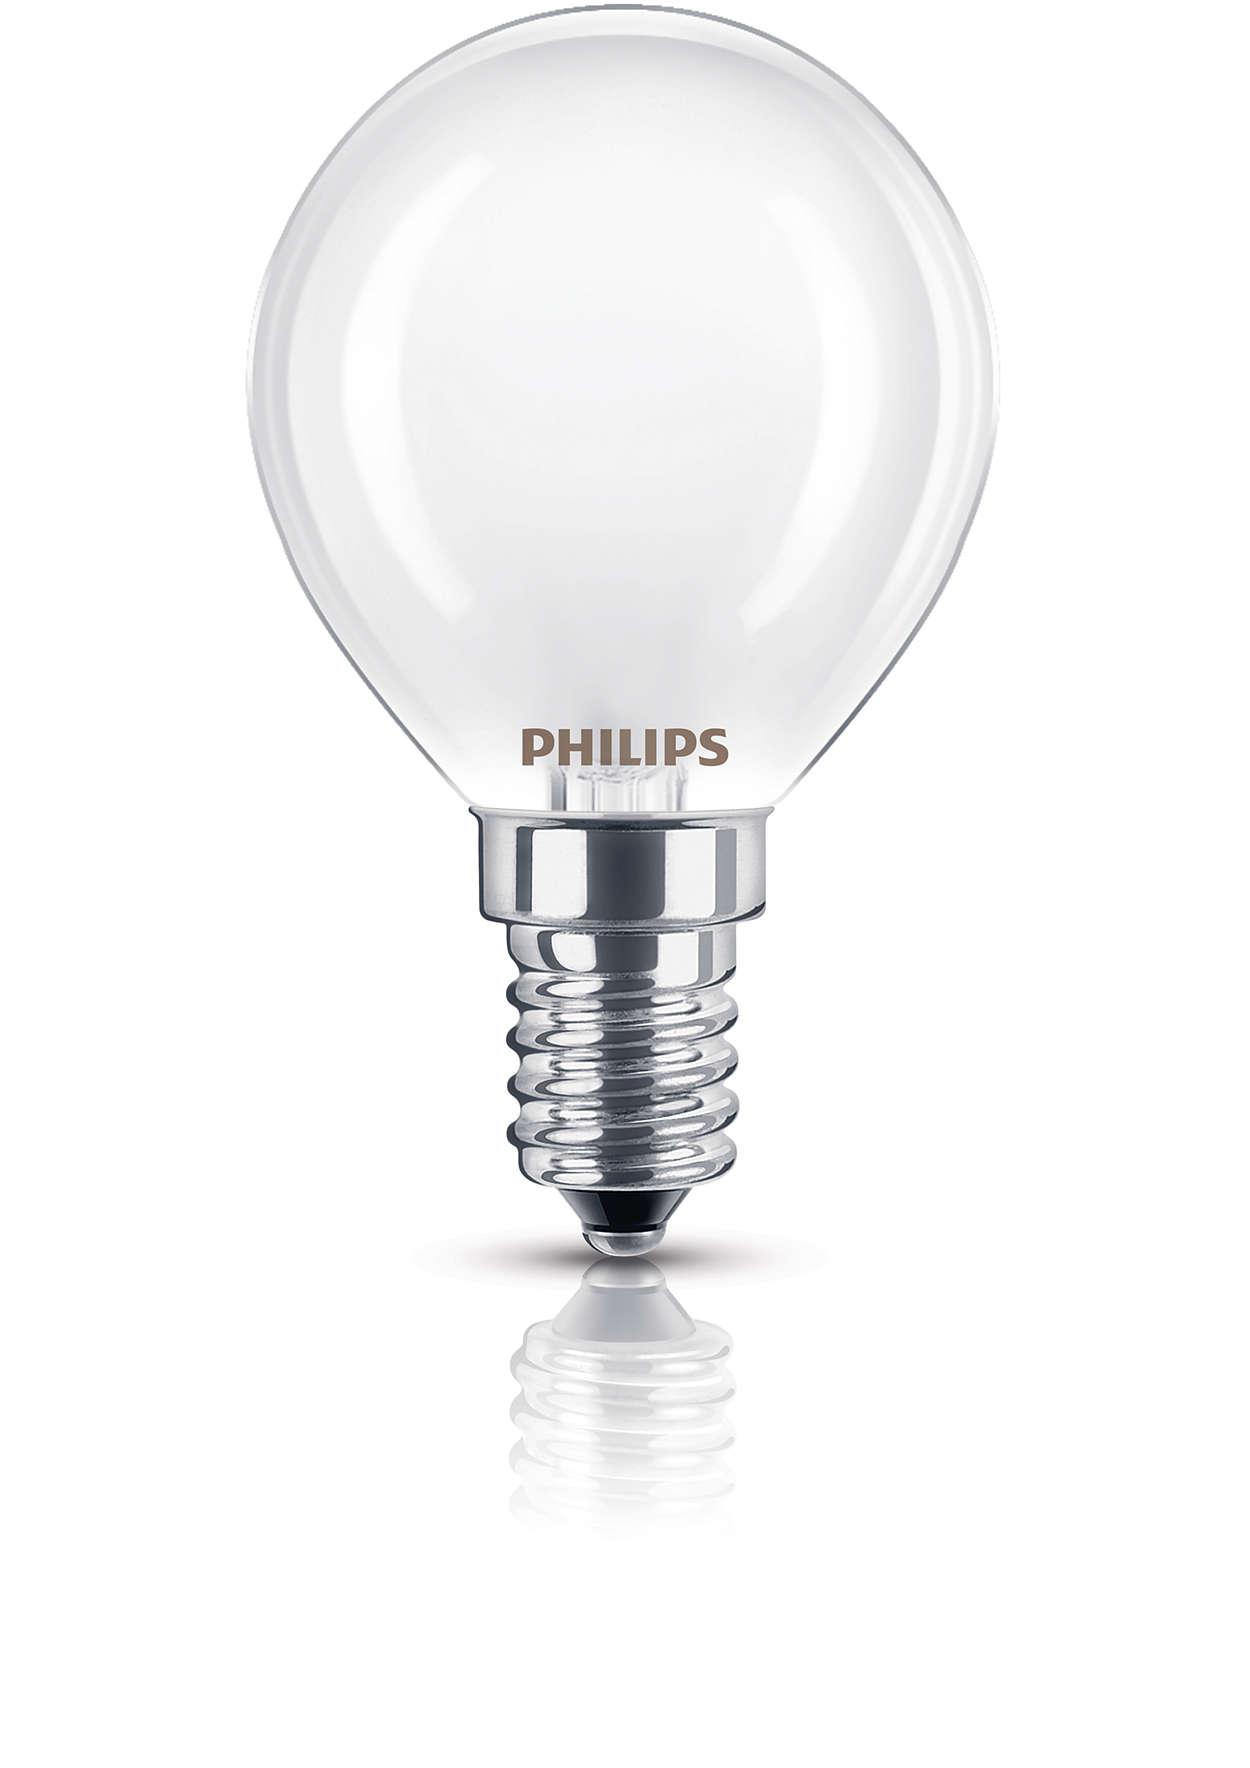 Mattierte Lampe für gedämpfte Beleuchtung